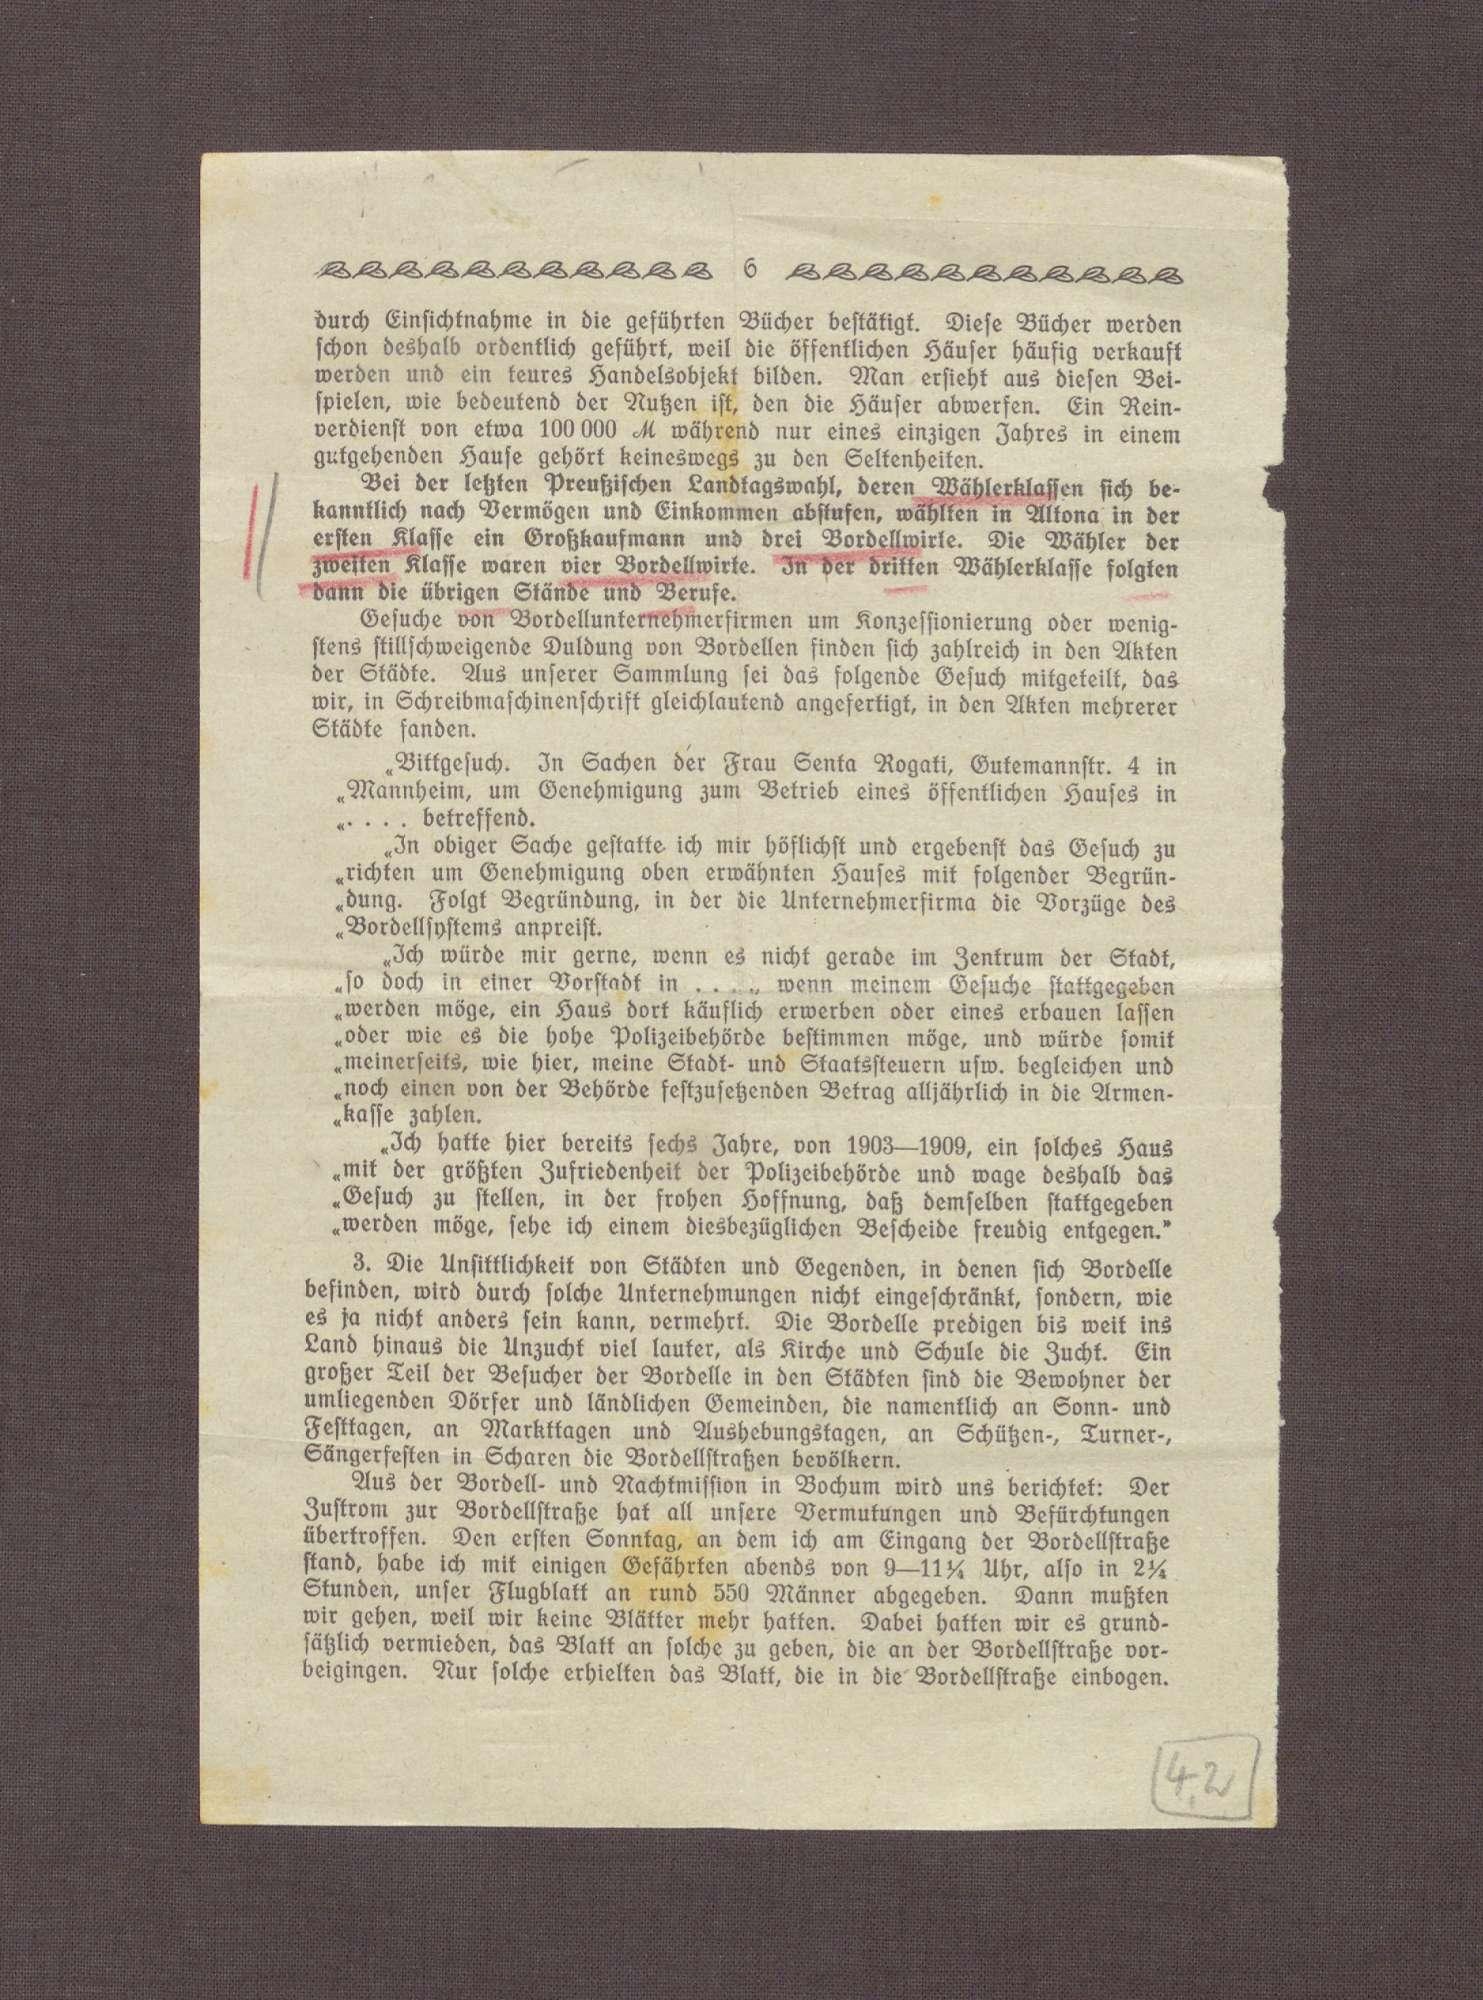 Auszüge des Jahresberichtes der Inneren Mission in Duisburg 1916/1917, Bild 3